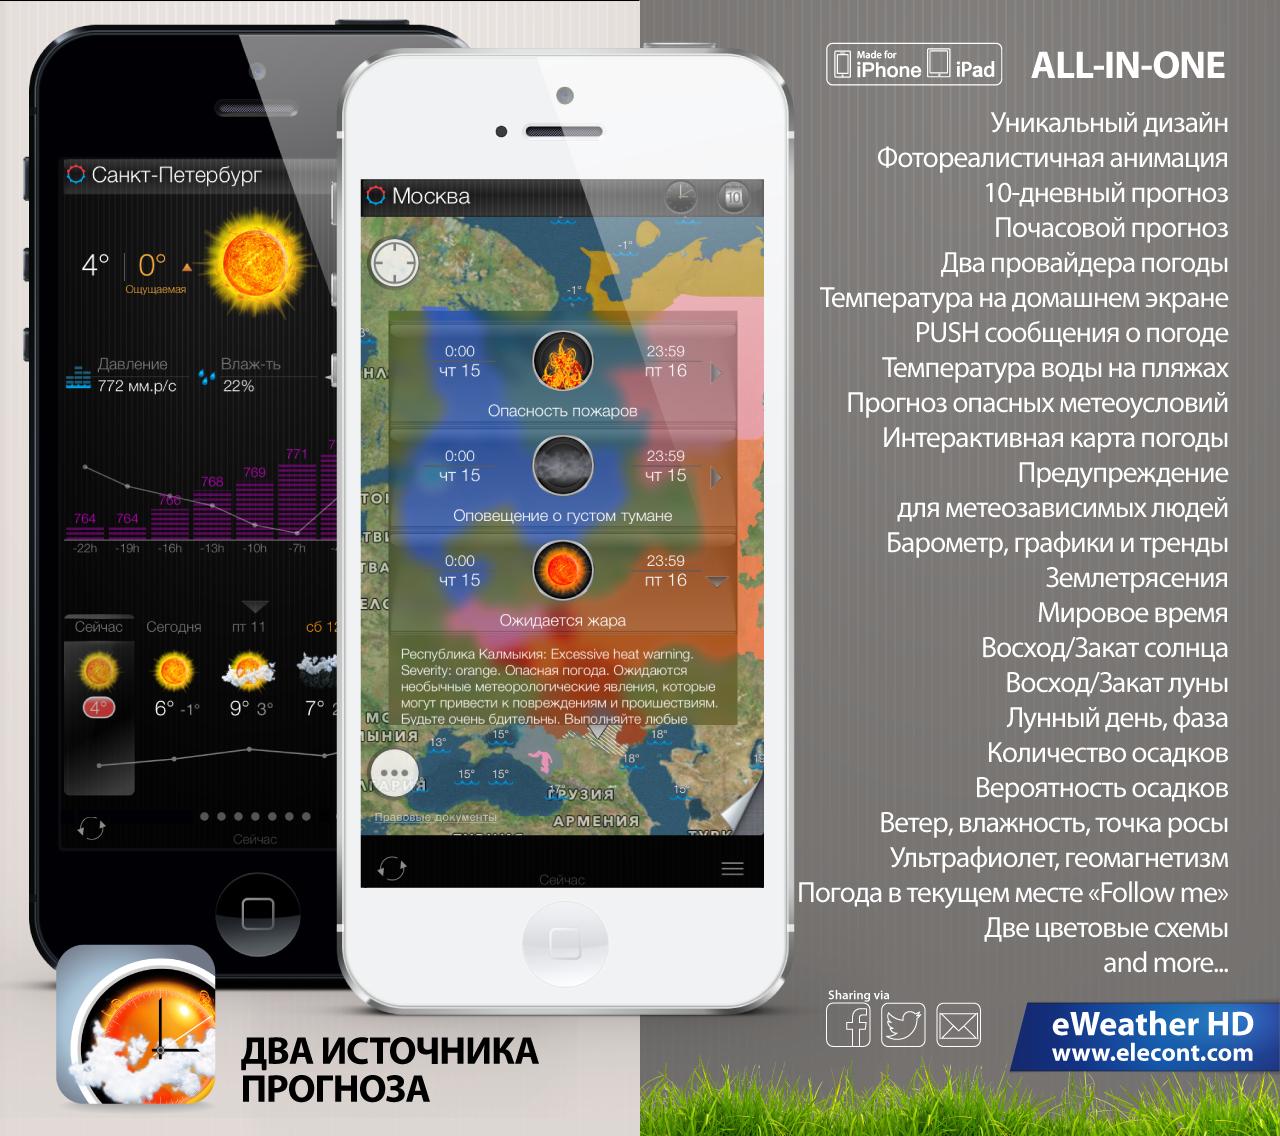 Прогноз погоды для iPhone, iPad Москва, Россия